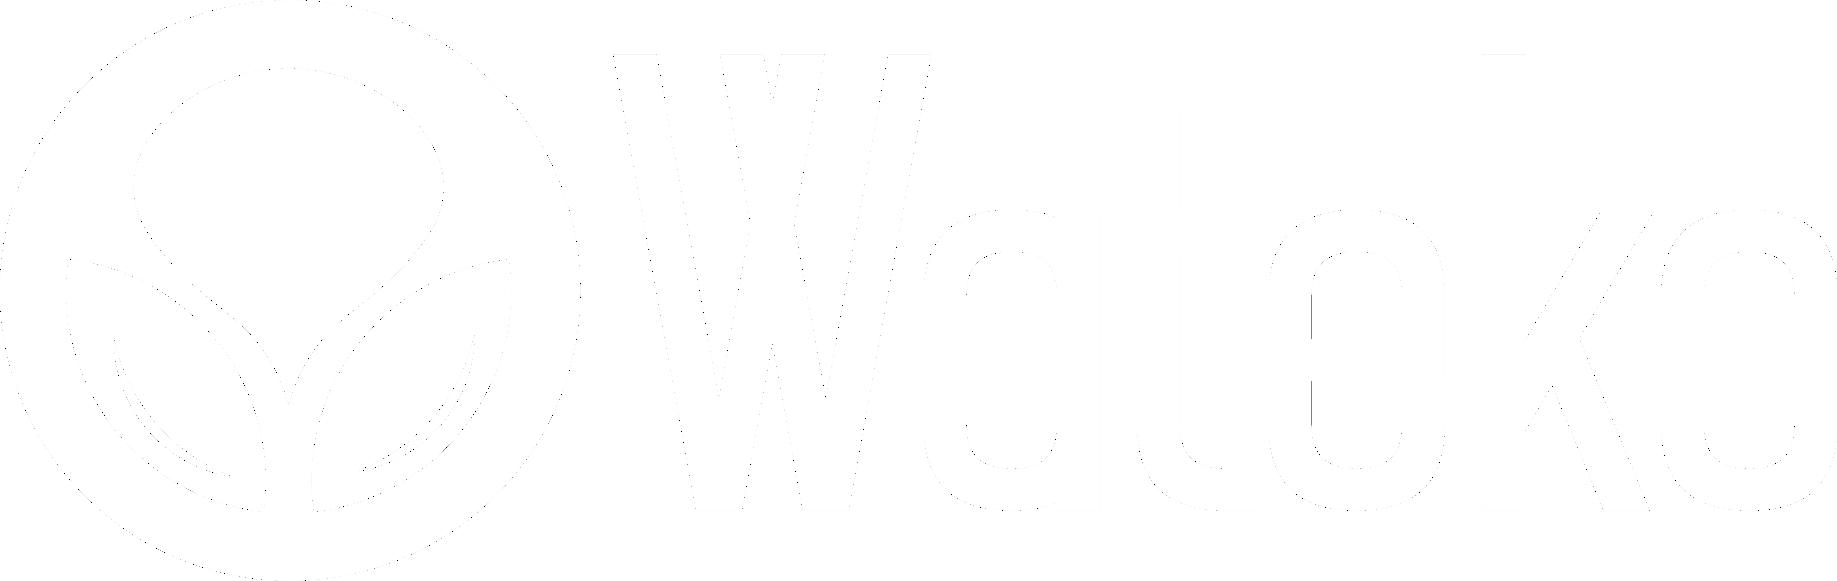 Wateko